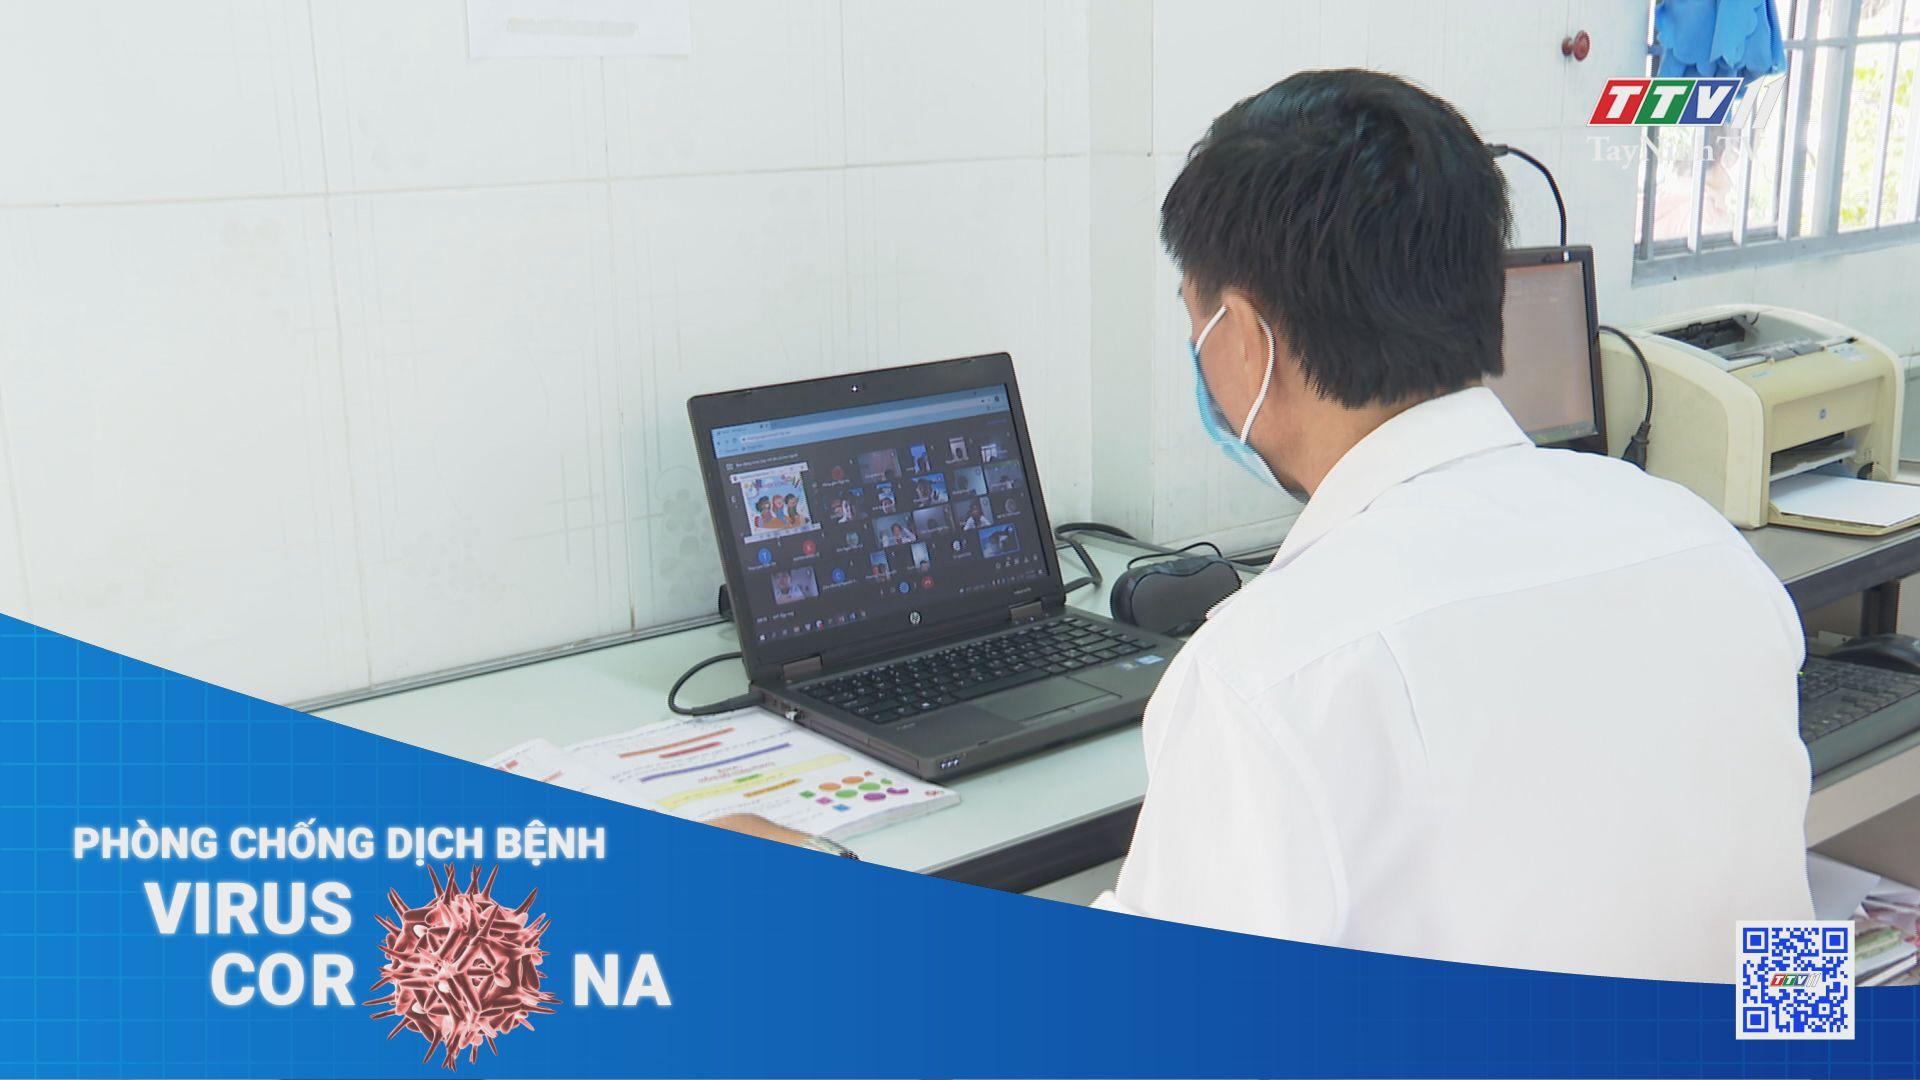 Nỗ lực dạy và học trong điều kiện dịch bệnh Covid-19 | THÔNG TIN DỊCH COVID-19 | TayNinhTV